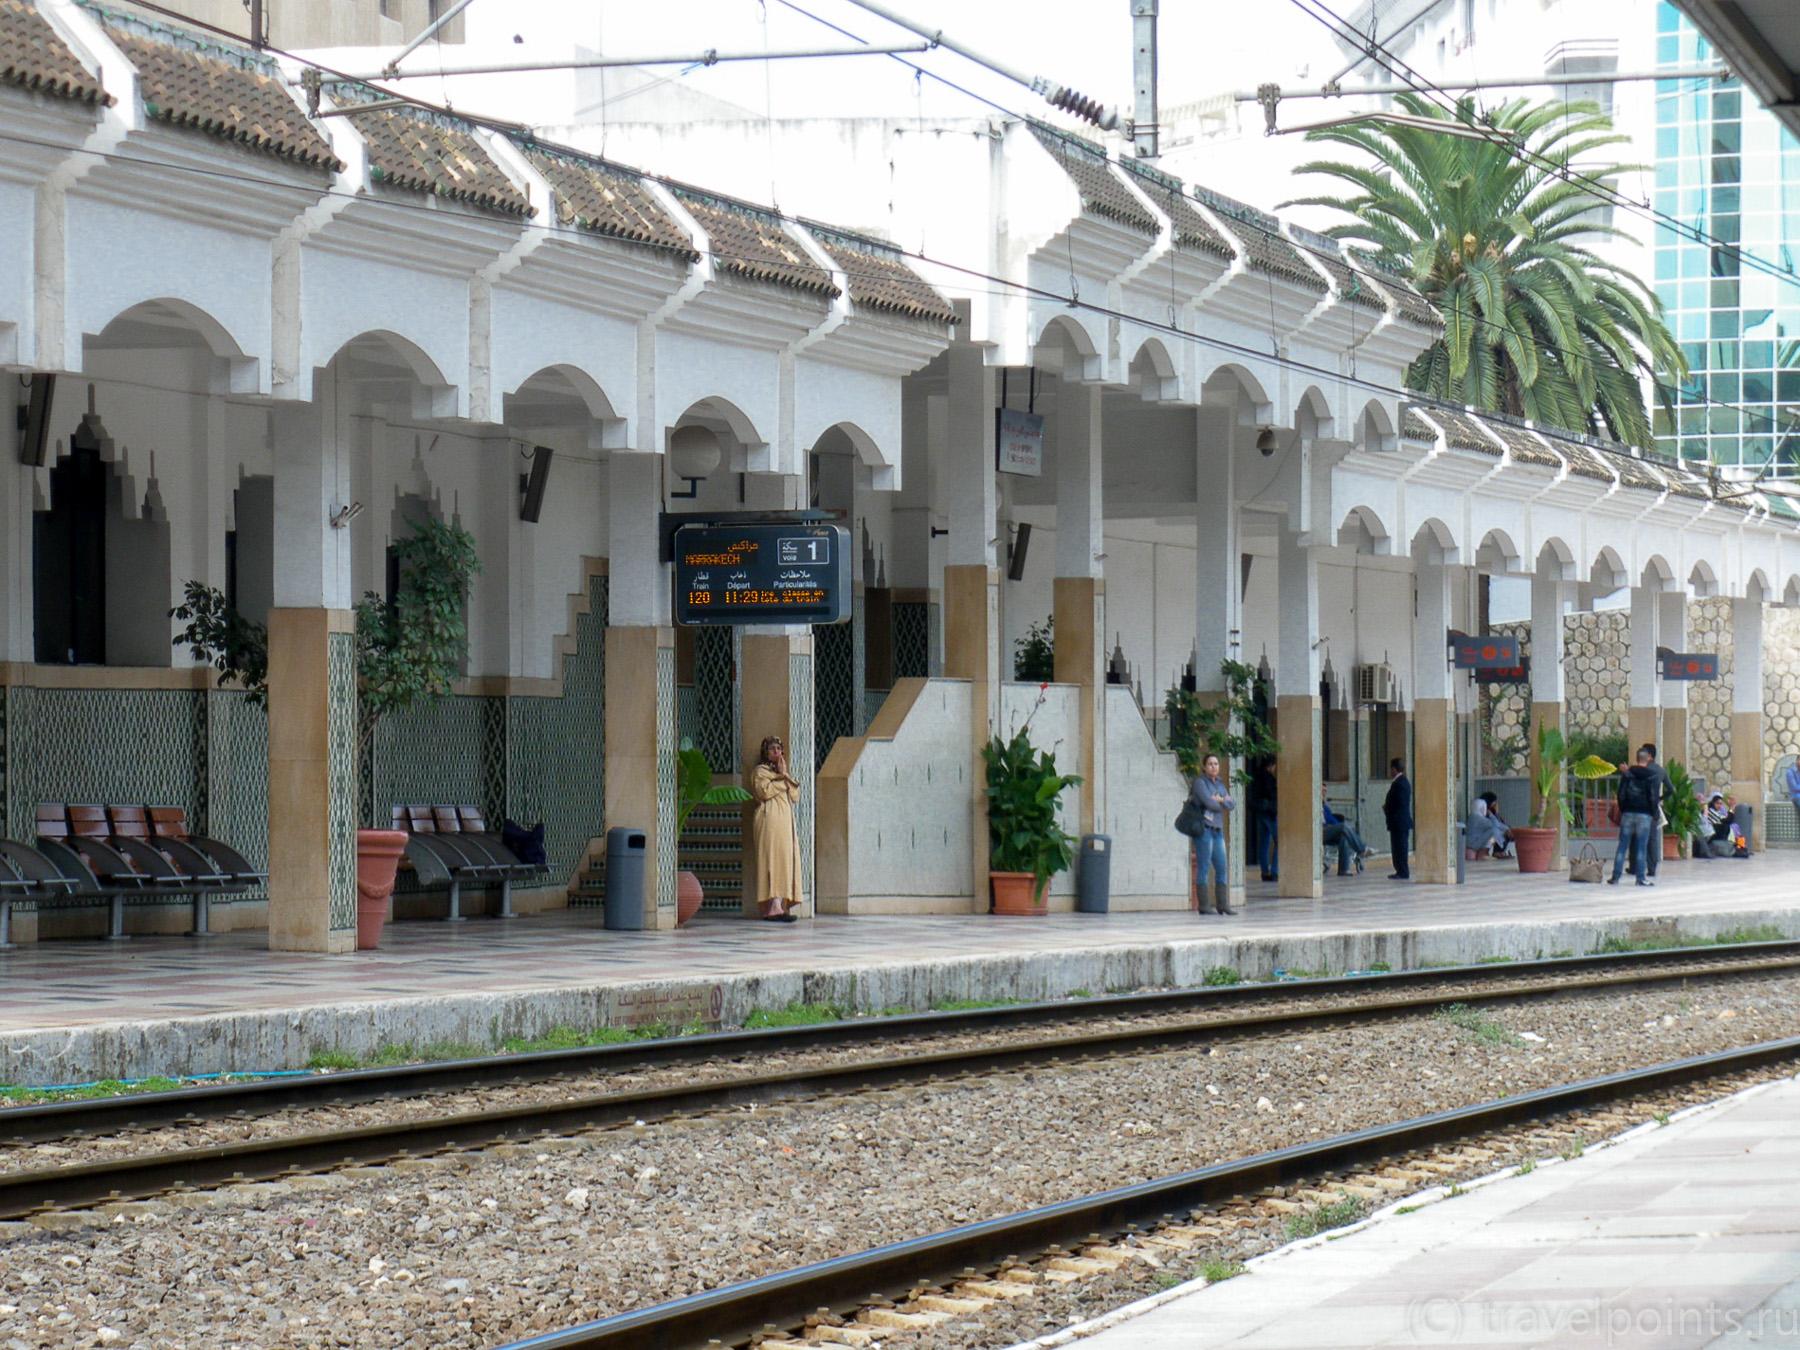 На железнодорожном вокзале Мекнеса